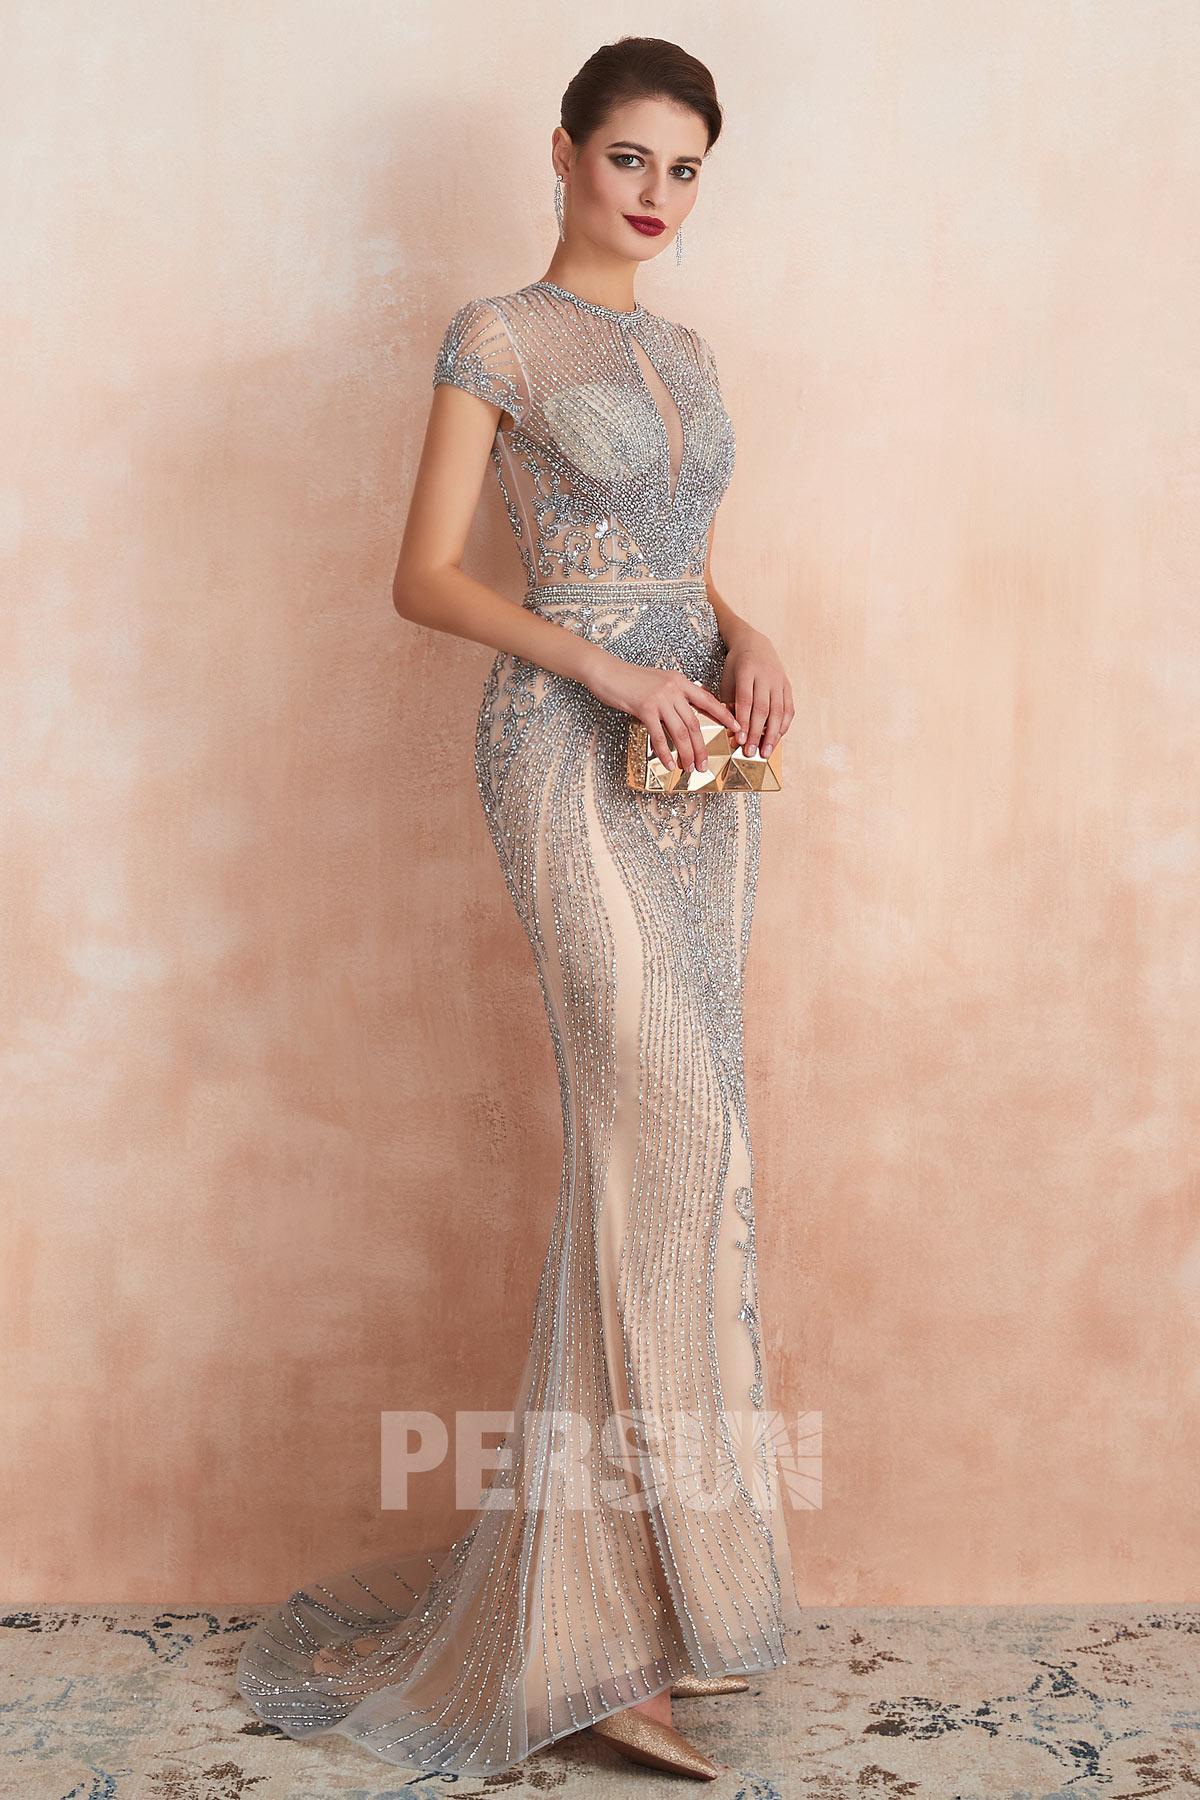 robe de soirée longue sexy sirène champagne en paillettes exquis avec manche courte